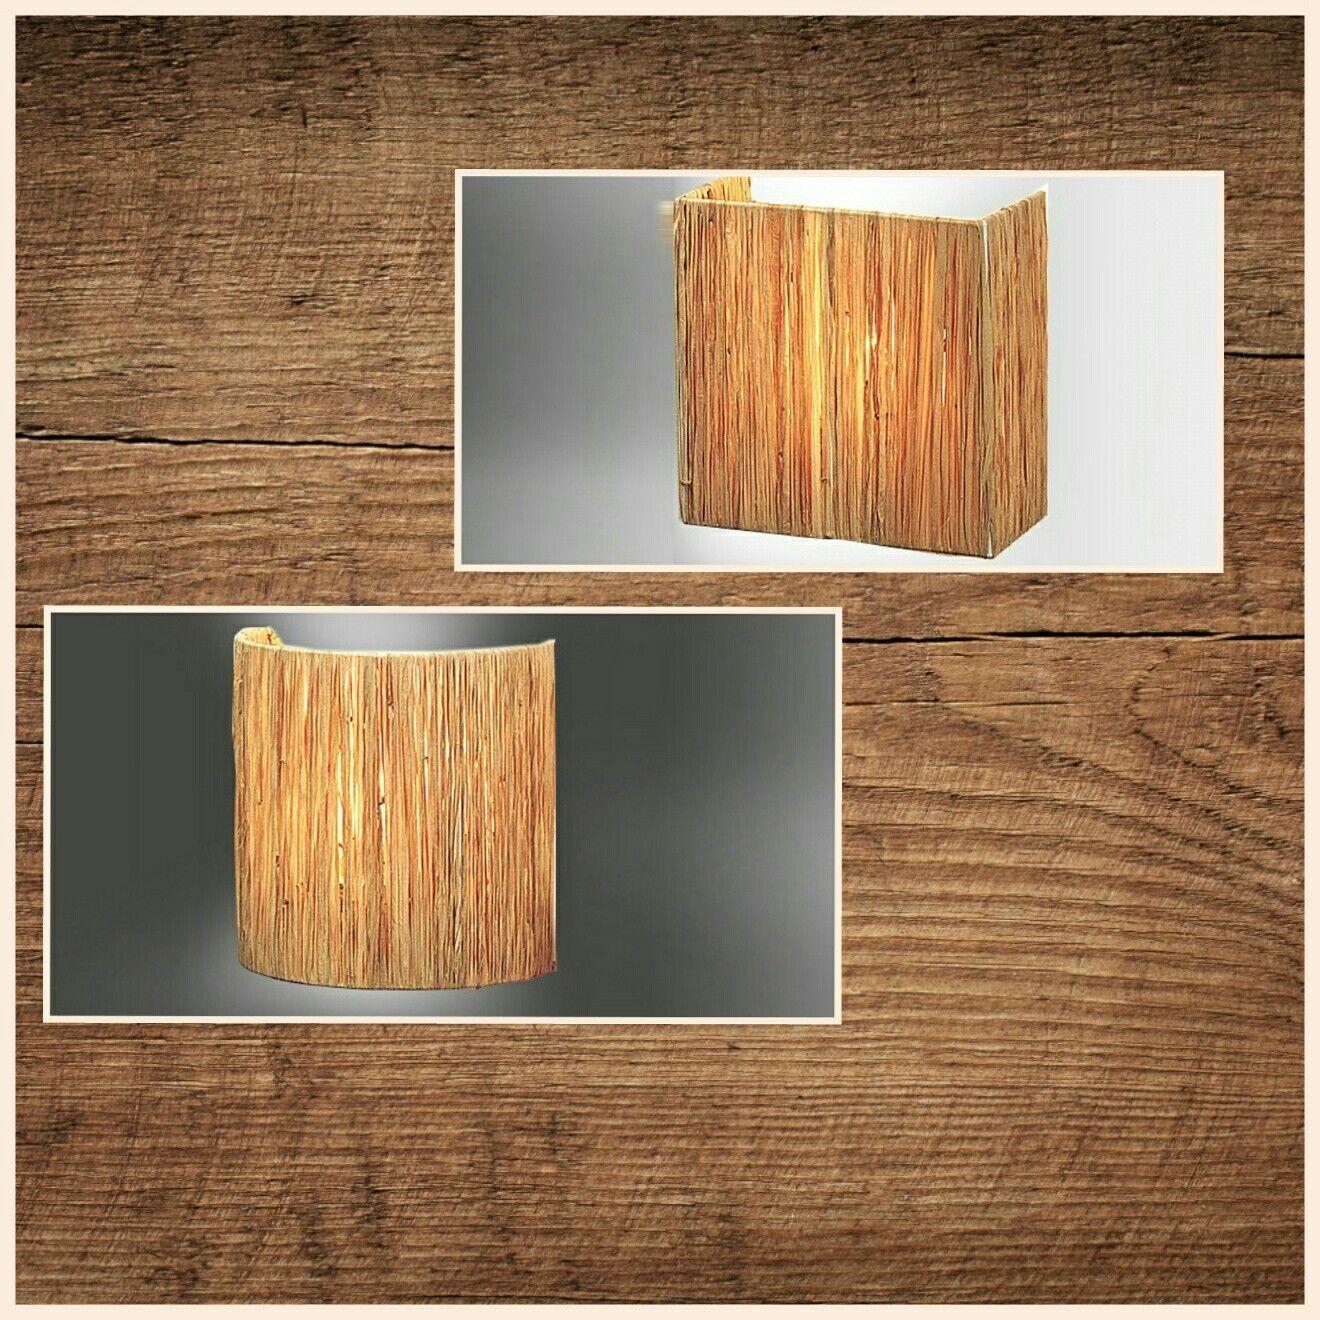 Apliques de pared con pantalla cuadrada y semicircular,  tejidas y montadas a mano en Rafia Natural. http://www.raco-ambient.com/racoclassics/lampara/ref-2348/ http://www.raco-ambient.com/racoclassics/lampara/ref-2349/ http://www.raco-ambient.com/